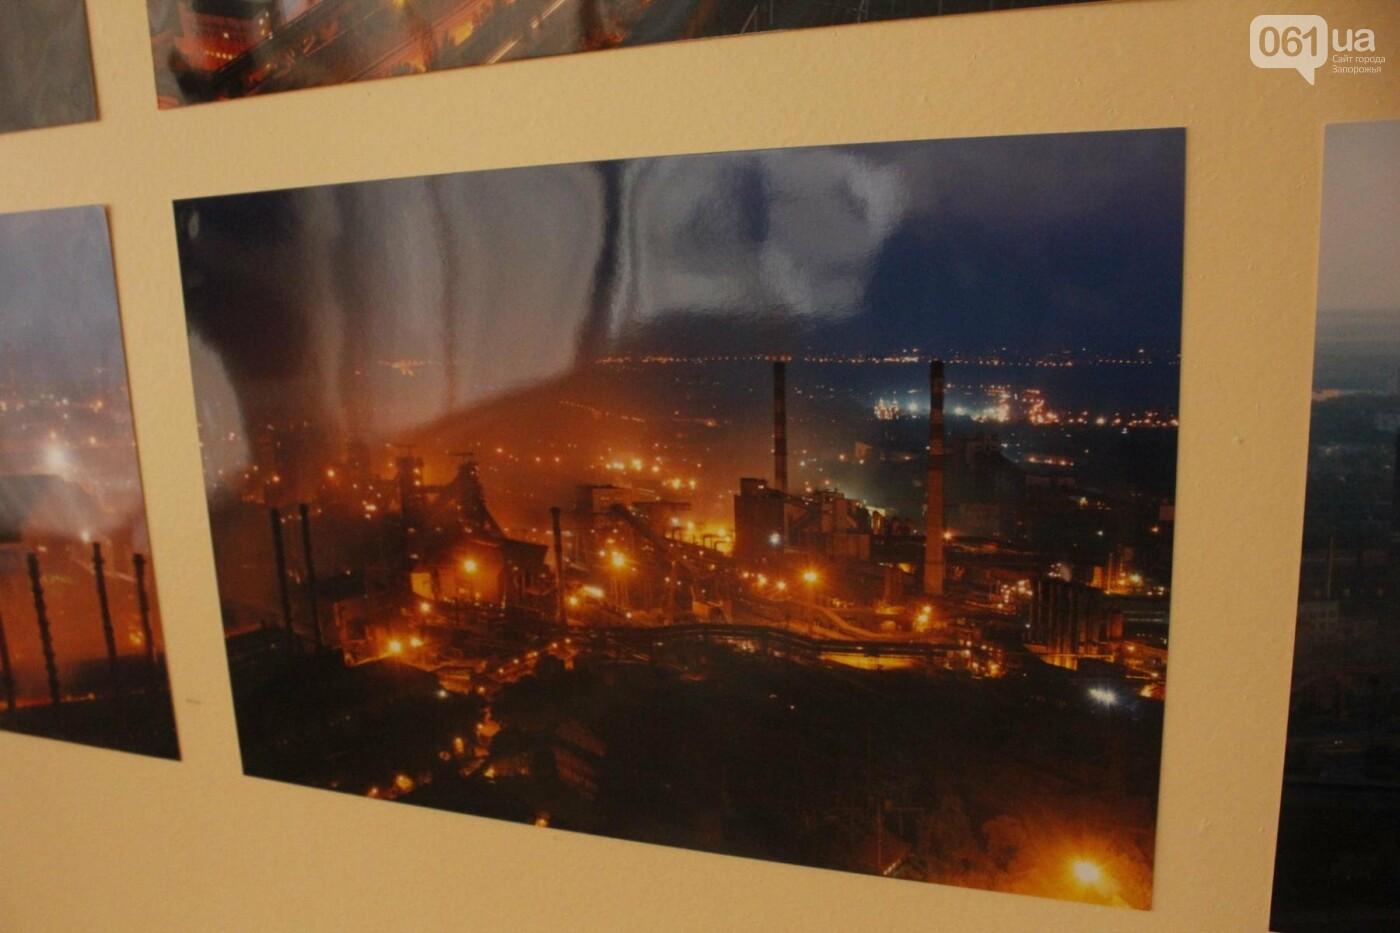 """Организаторы фотовыставки """"Экоцид по-запорожски"""" планируют провести её за границей, - ФОТОРЕПОРТАЖ, фото-6"""